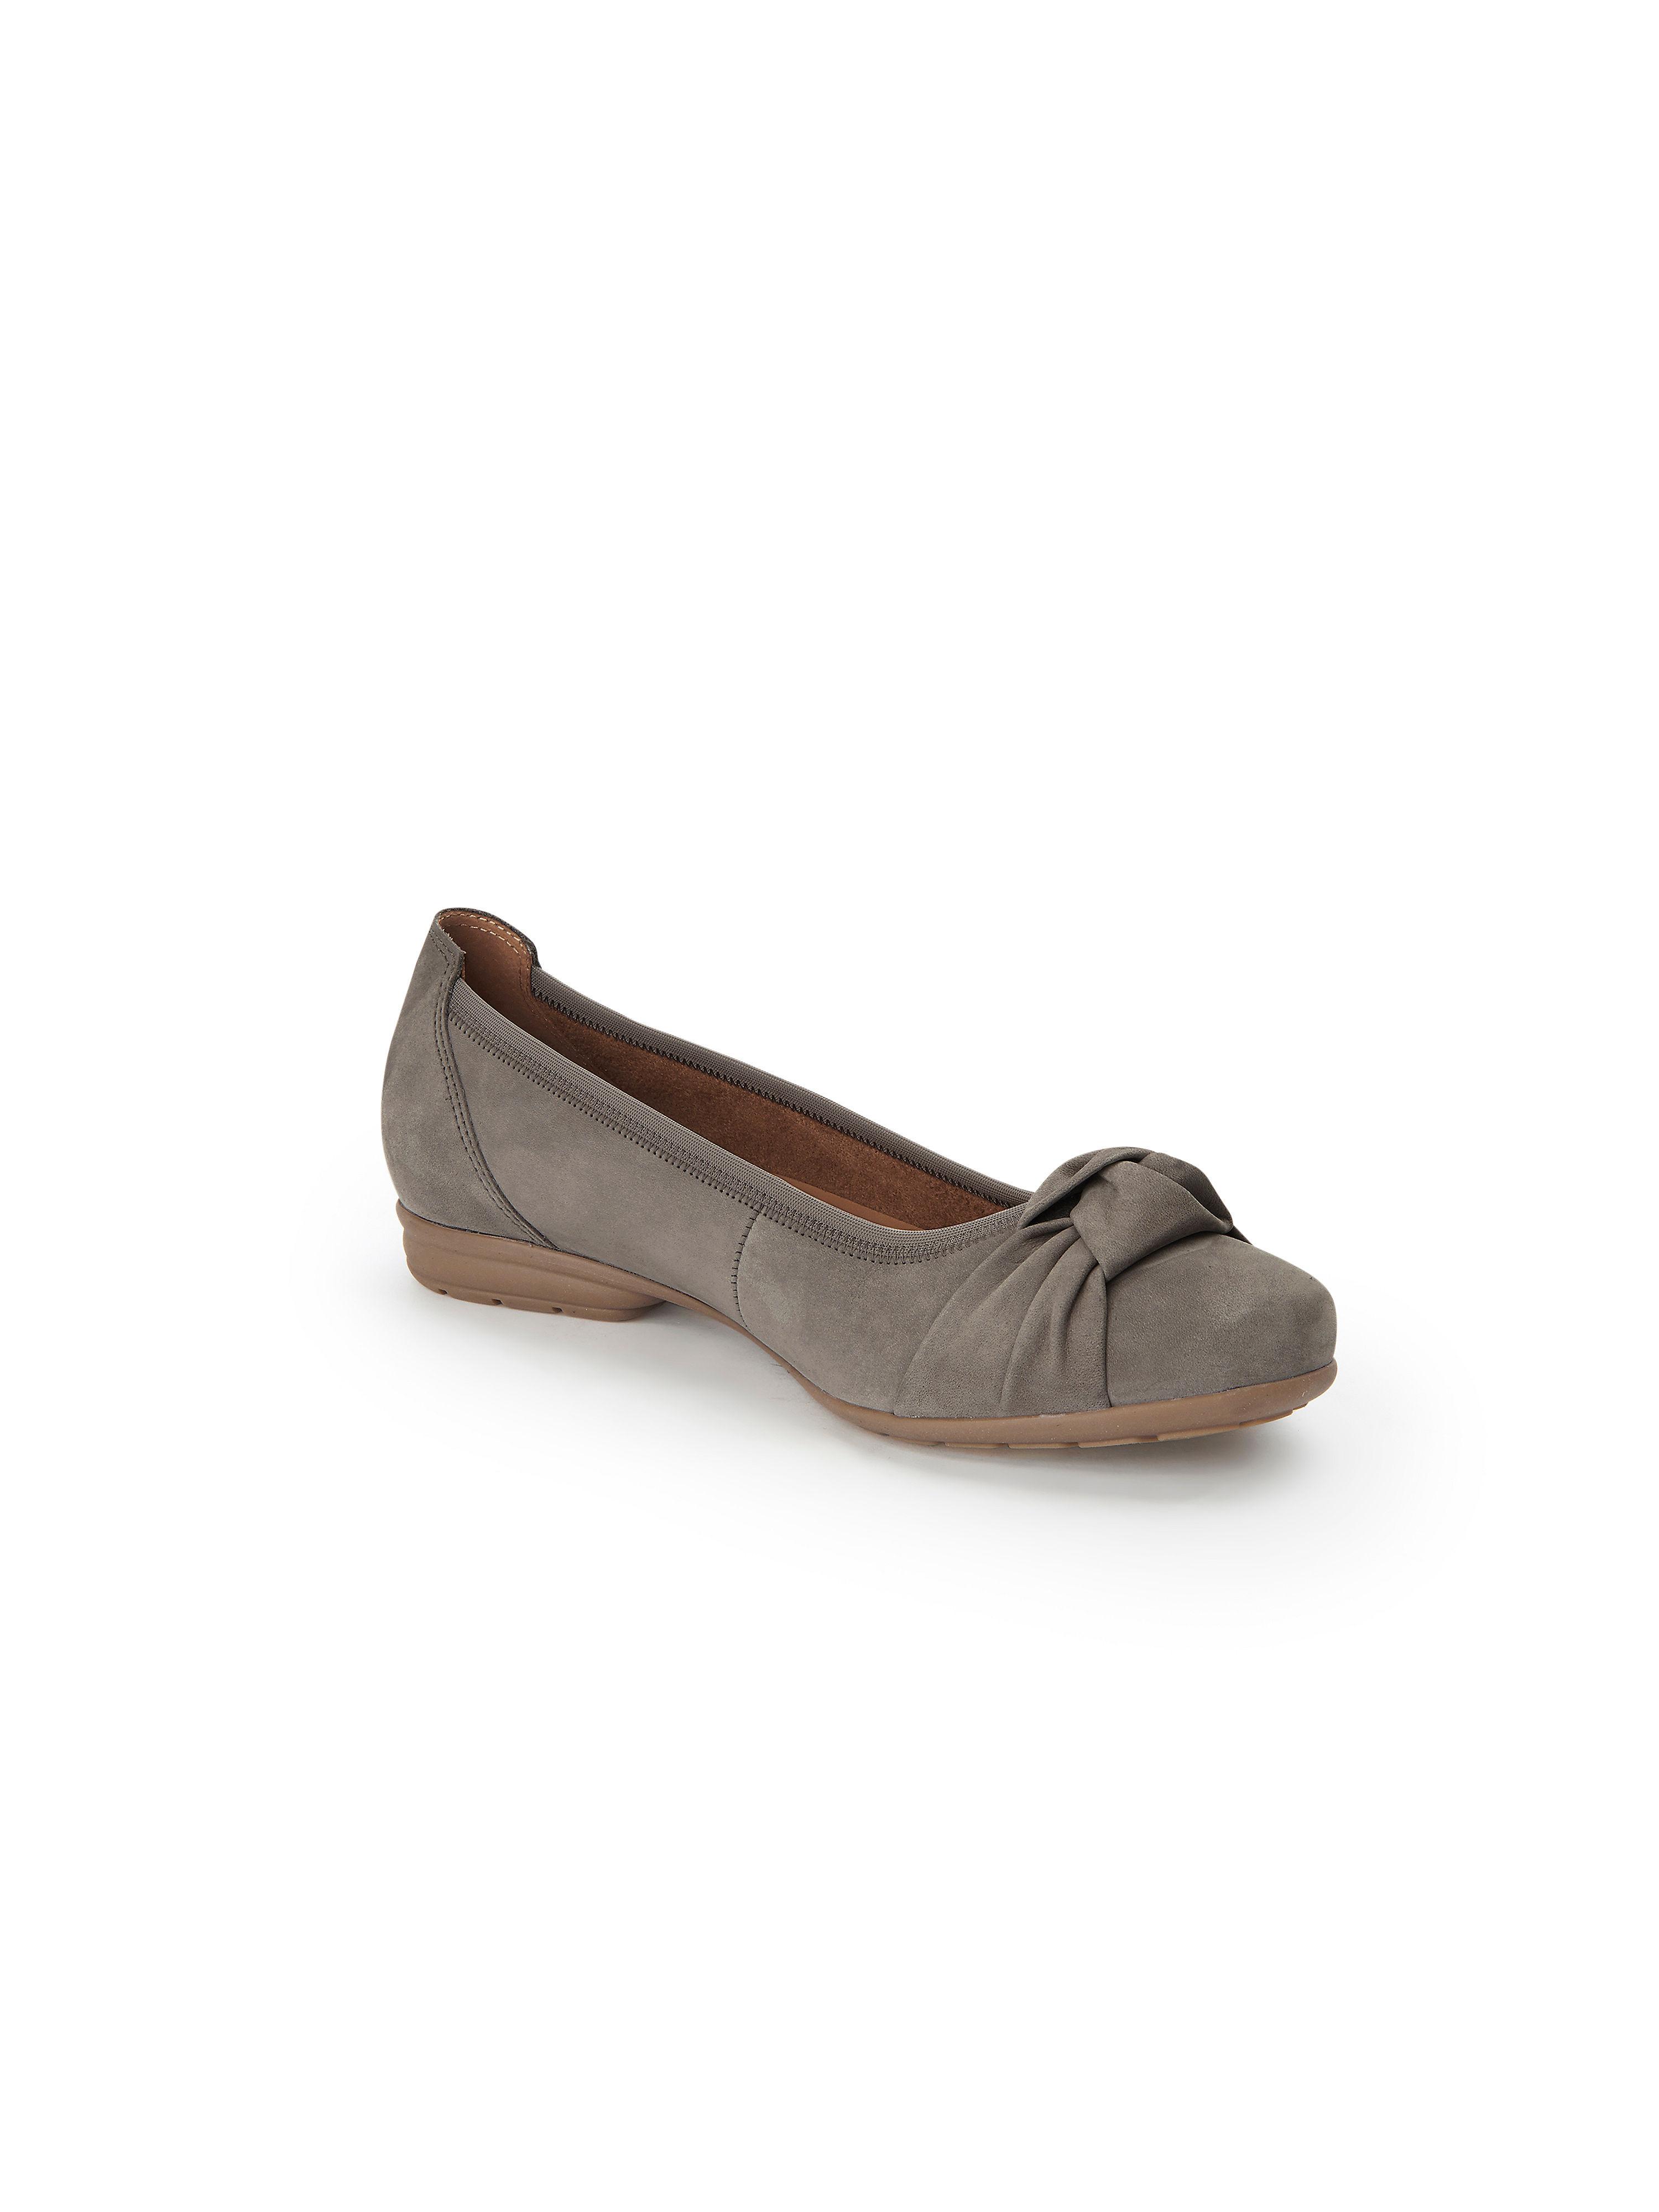 Gabor - Ballerina aus 100% Leder - Helltaupe Gute Qualität beliebte Schuhe